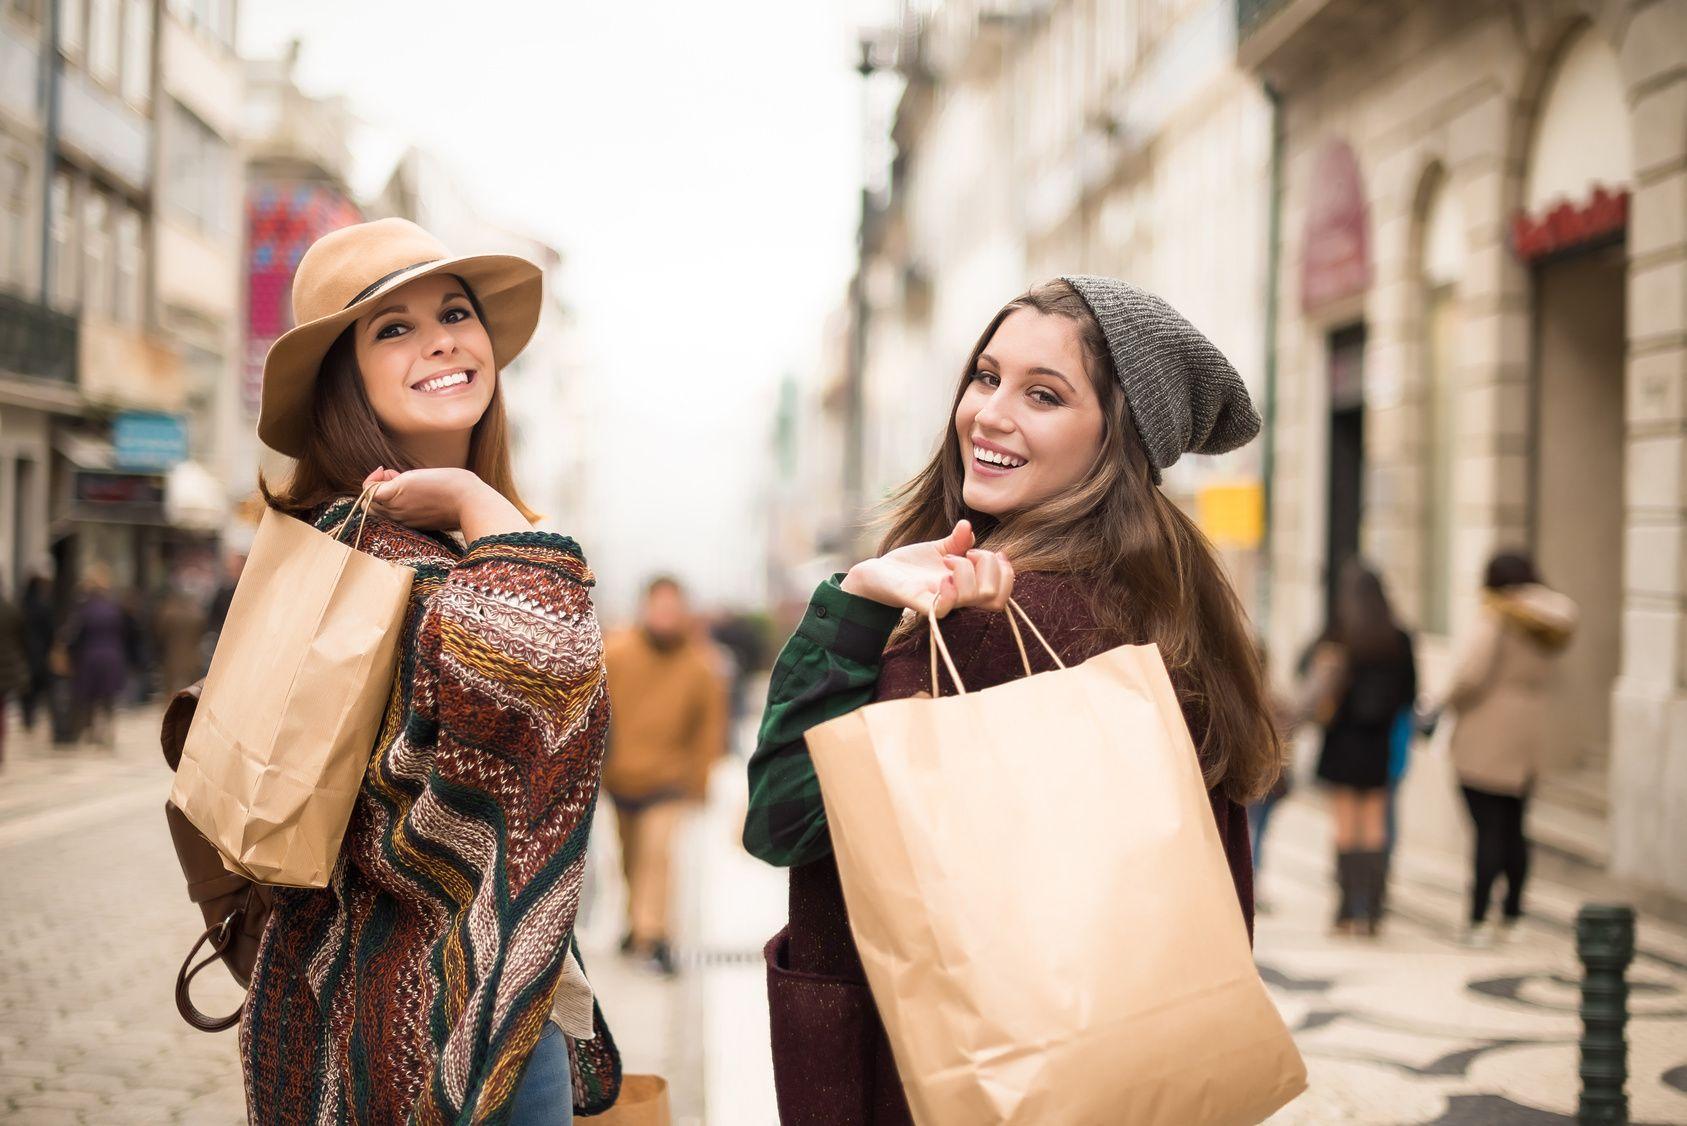 Moda tworzy produkty idealne do zapamiętania  Bądź piękna